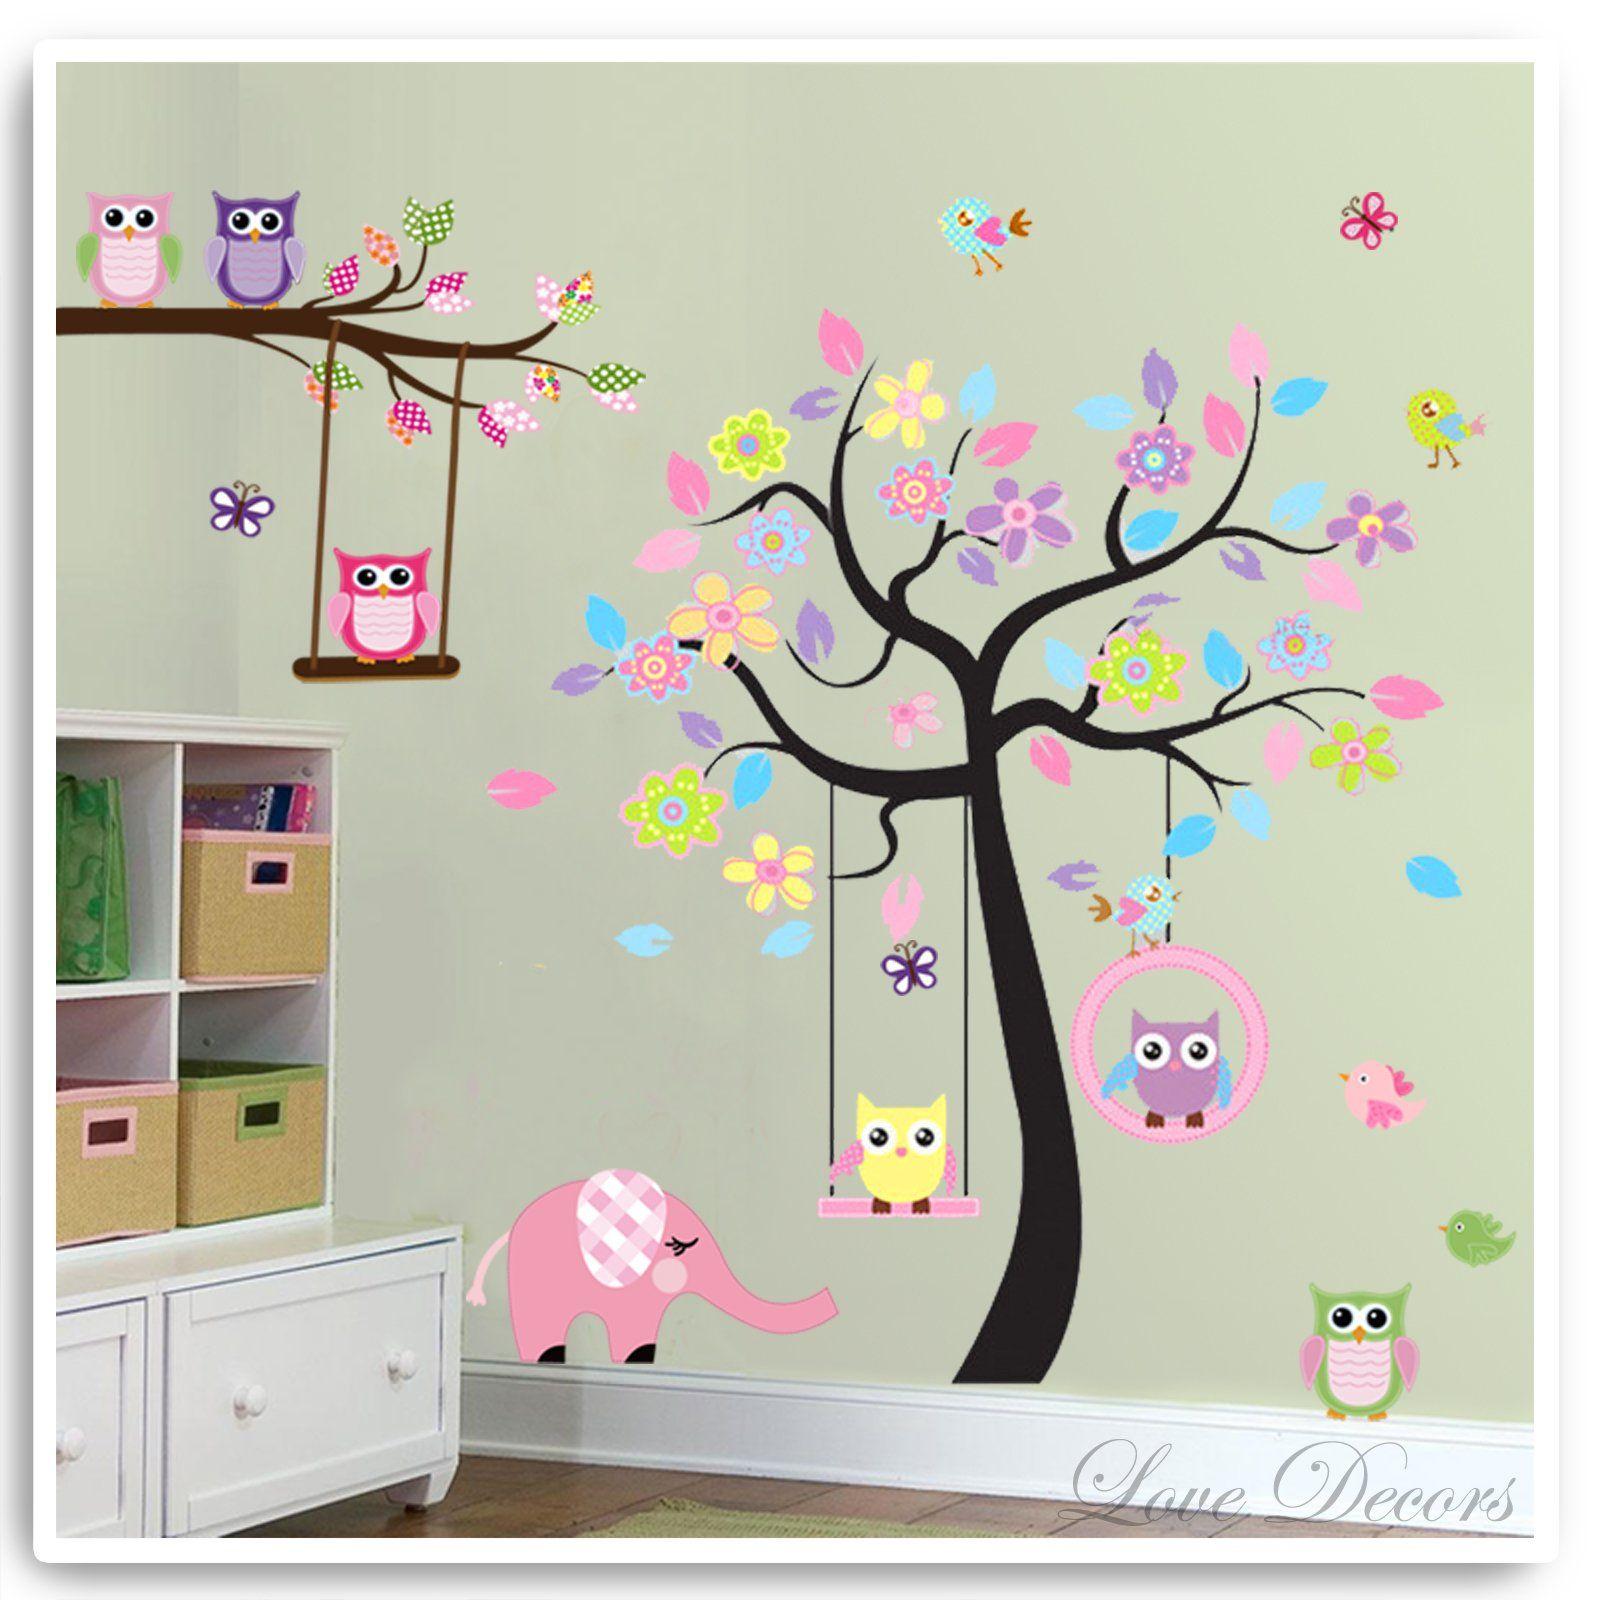 Pegatinas de pared 3D de PVC extra/íbles para decoraci/ón del hogar arte para habitaci/ón de los ni/ños 59 cm x 76 cm dormitorio